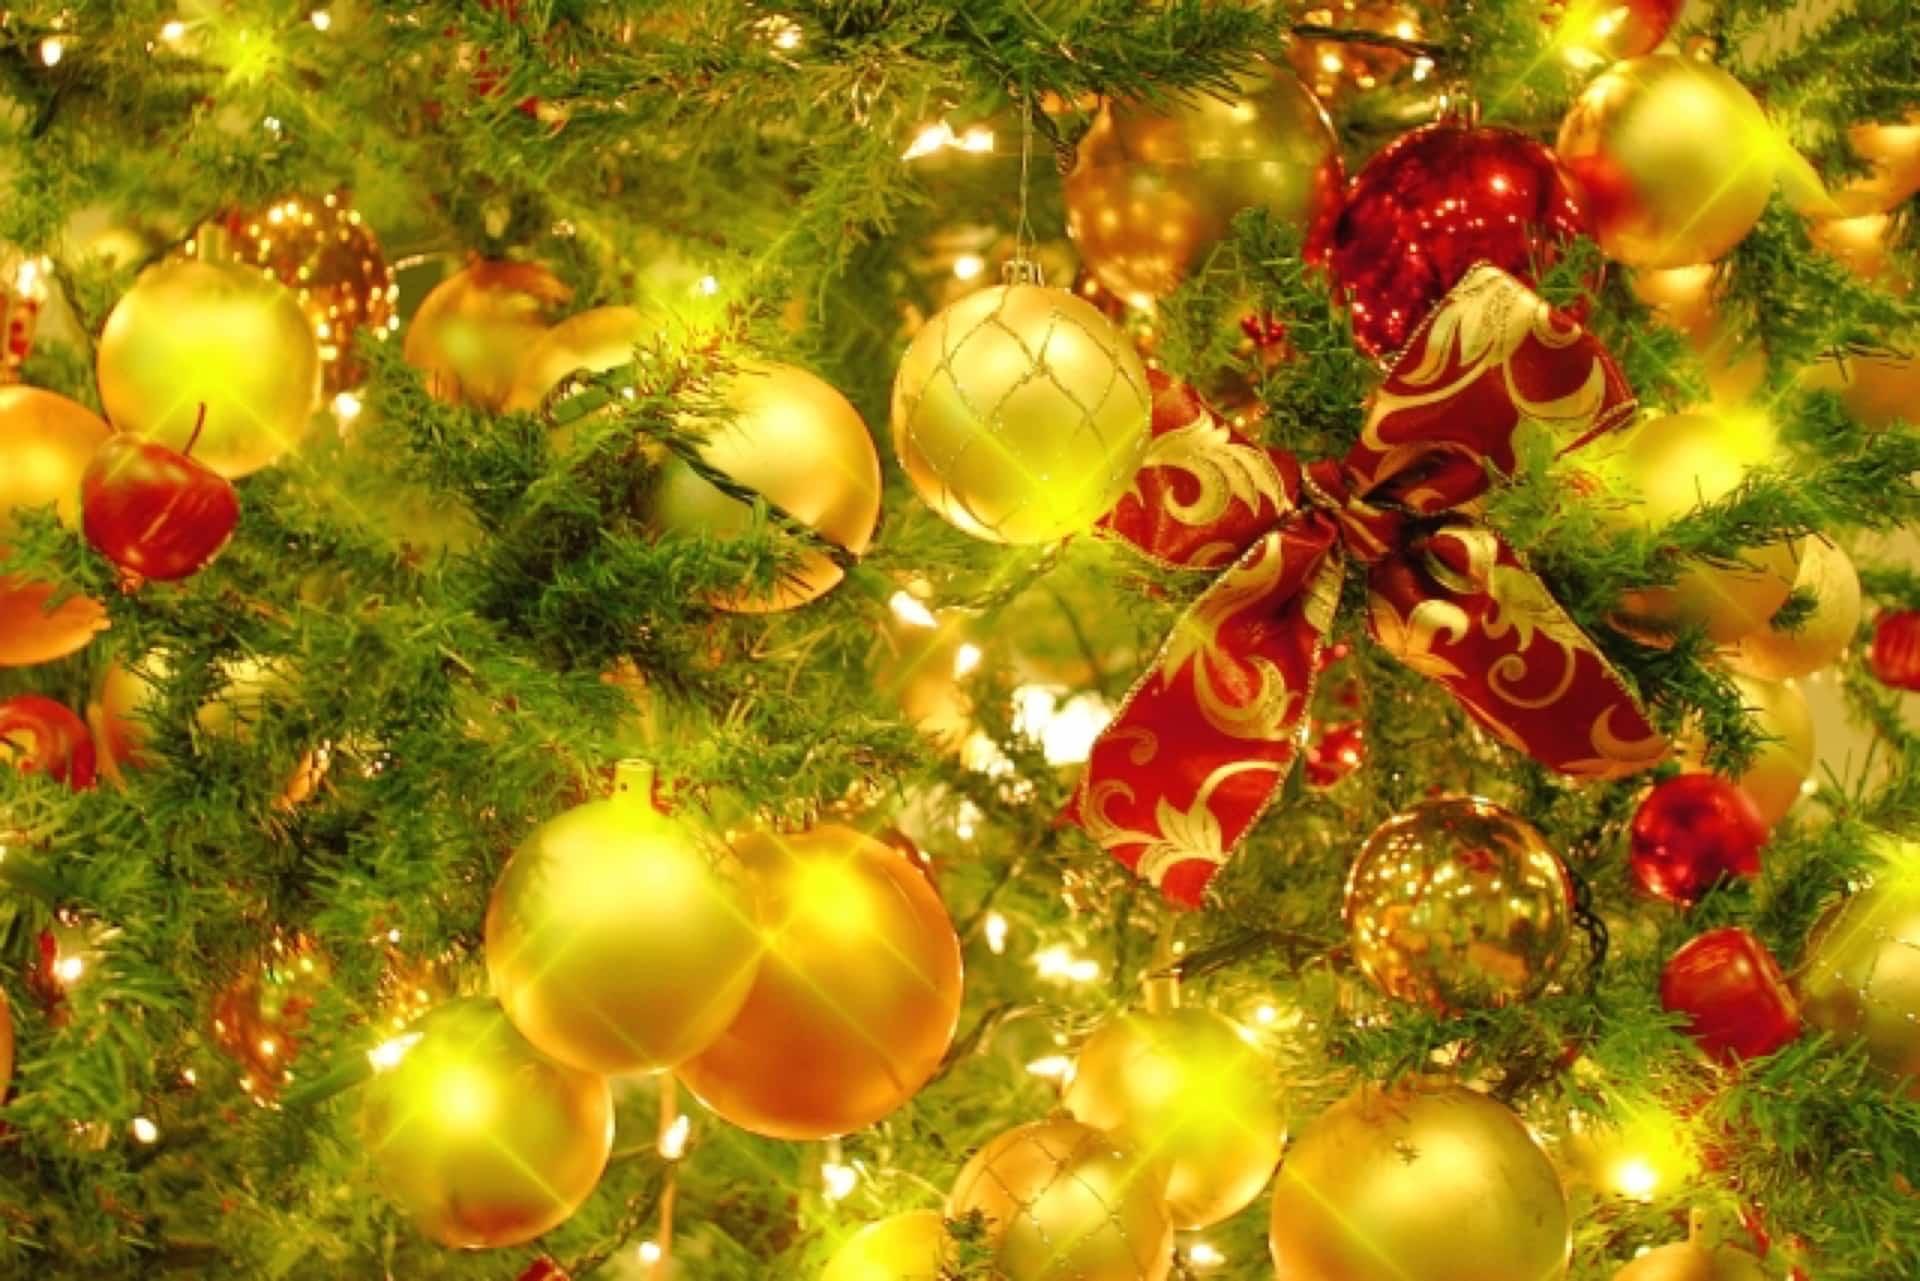 【2019年】クリスマスの神戸のホテル宿泊プラン24選。カップルにおすすめのディナー付きやルームサービスディナーも